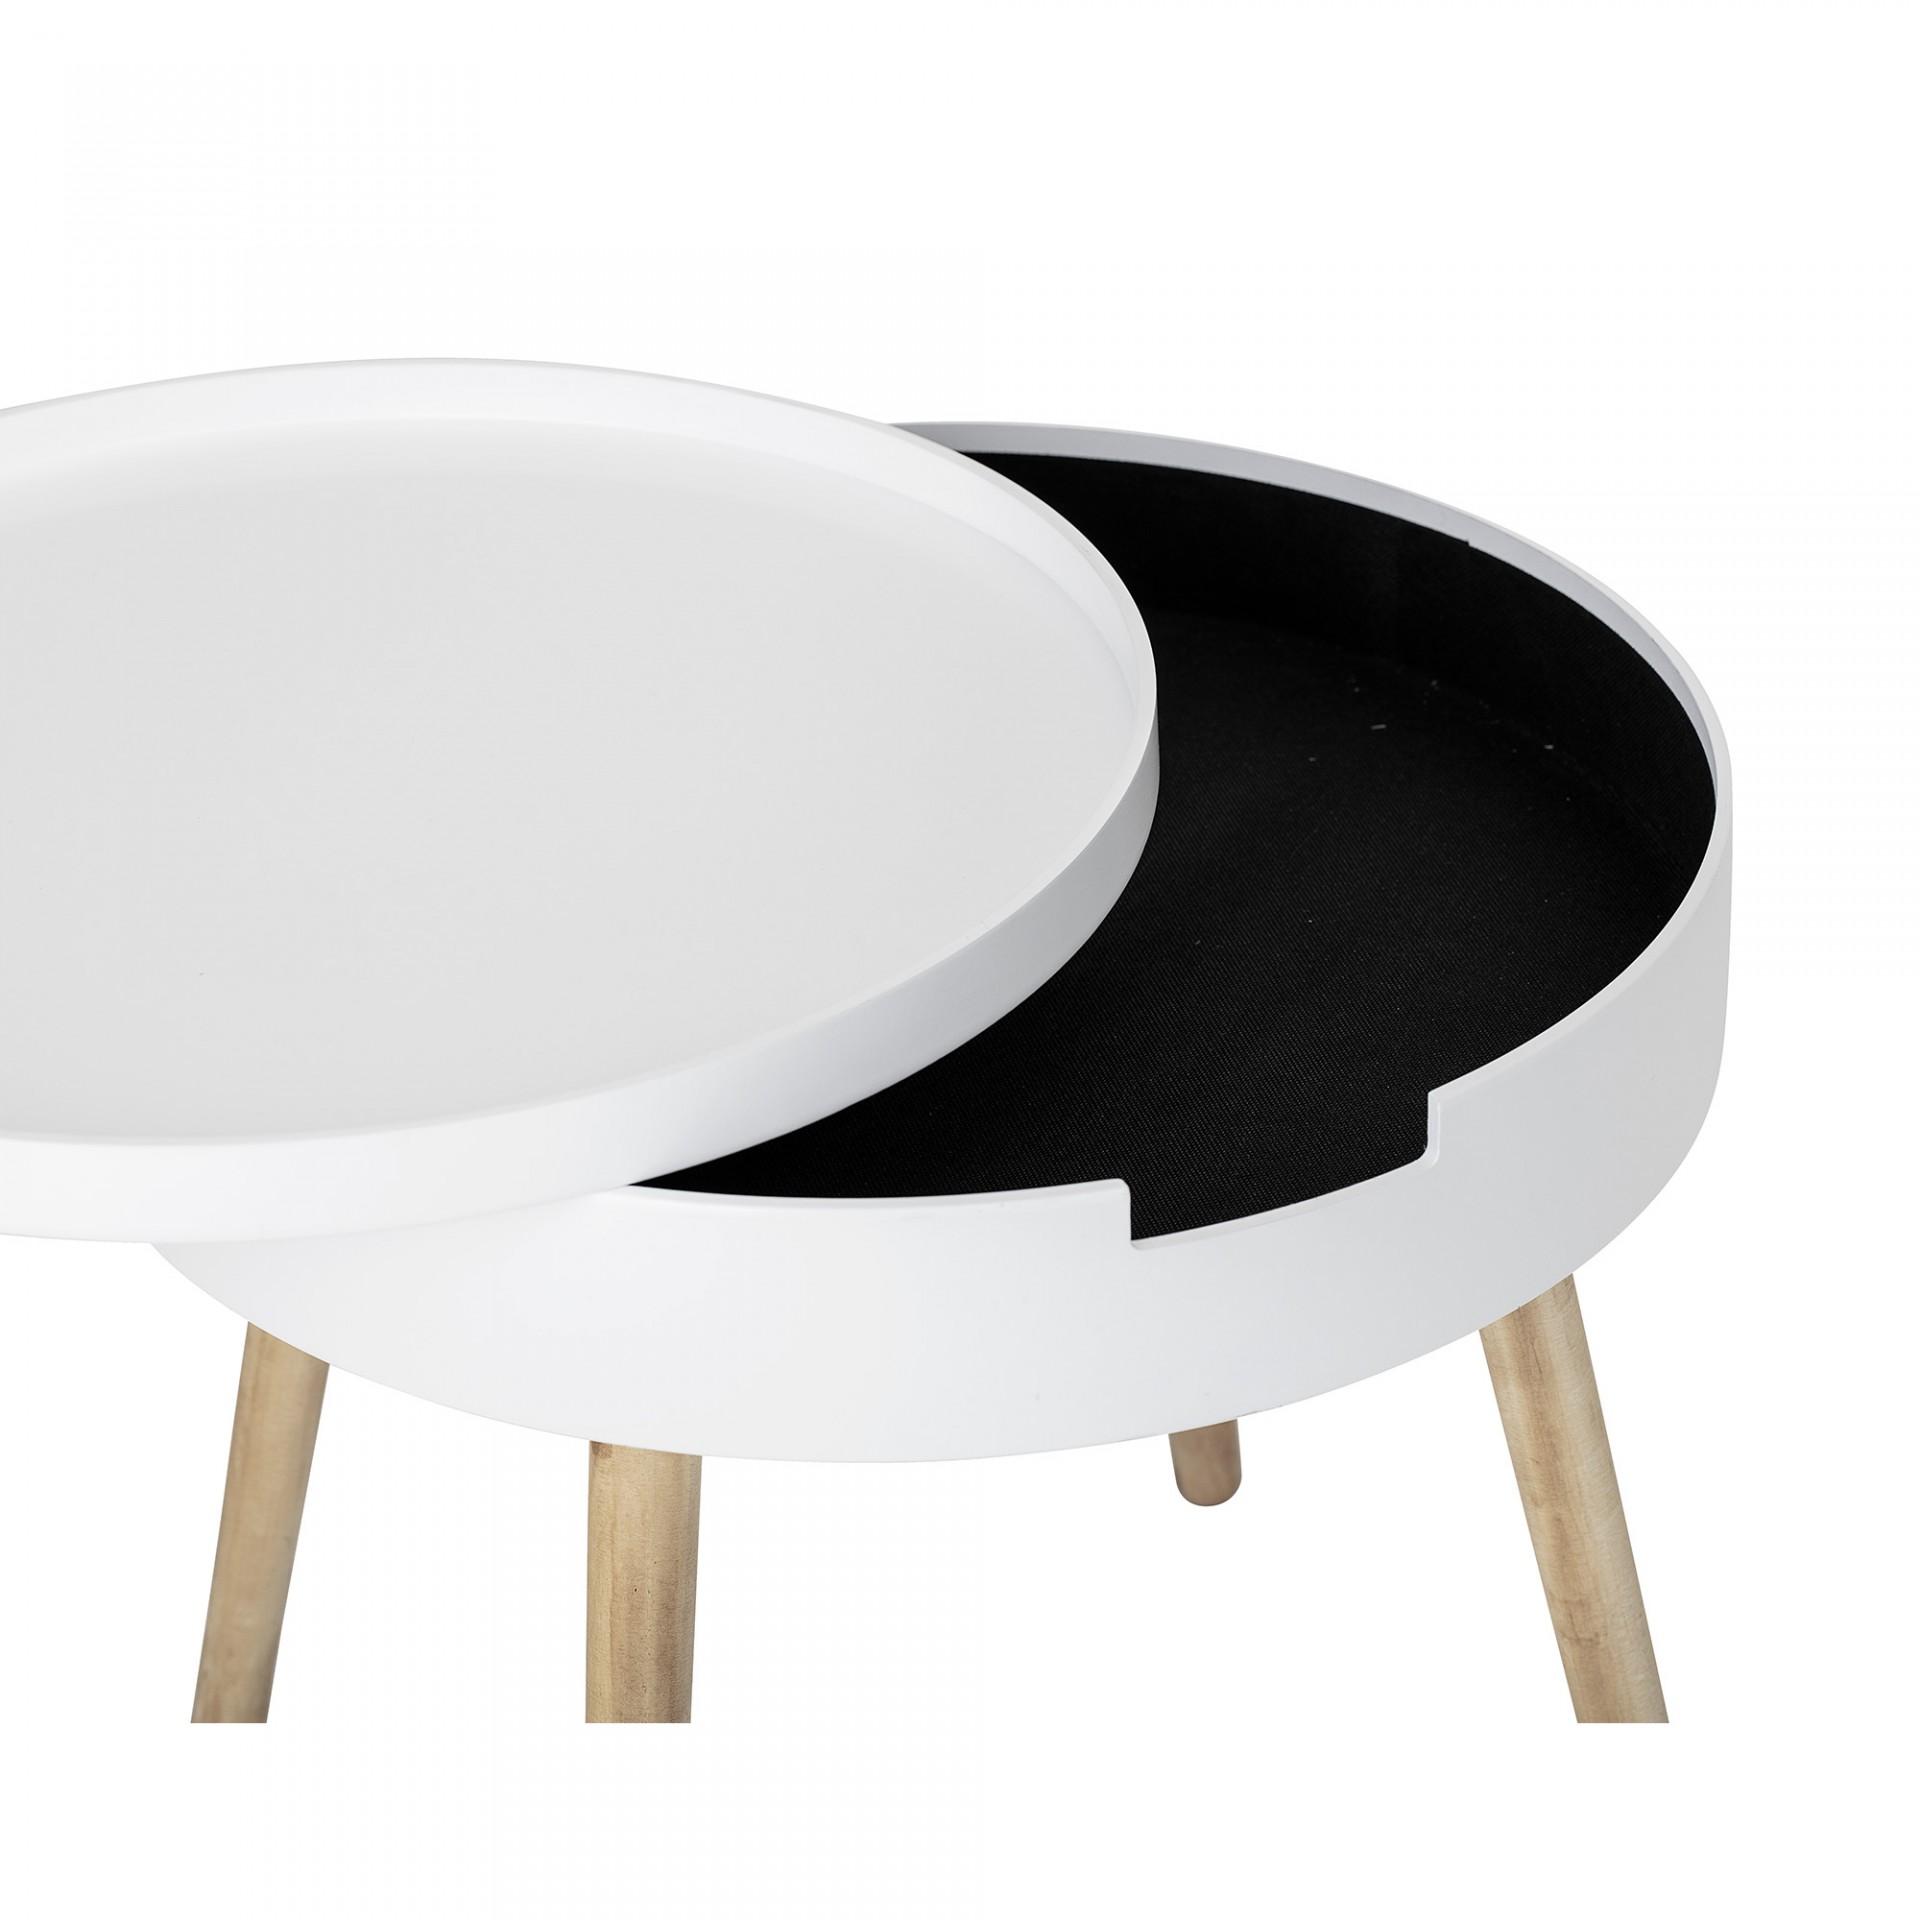 Mesa de apoio, madeira de pinho/MDF lacado, branco, Ø50x45 cm